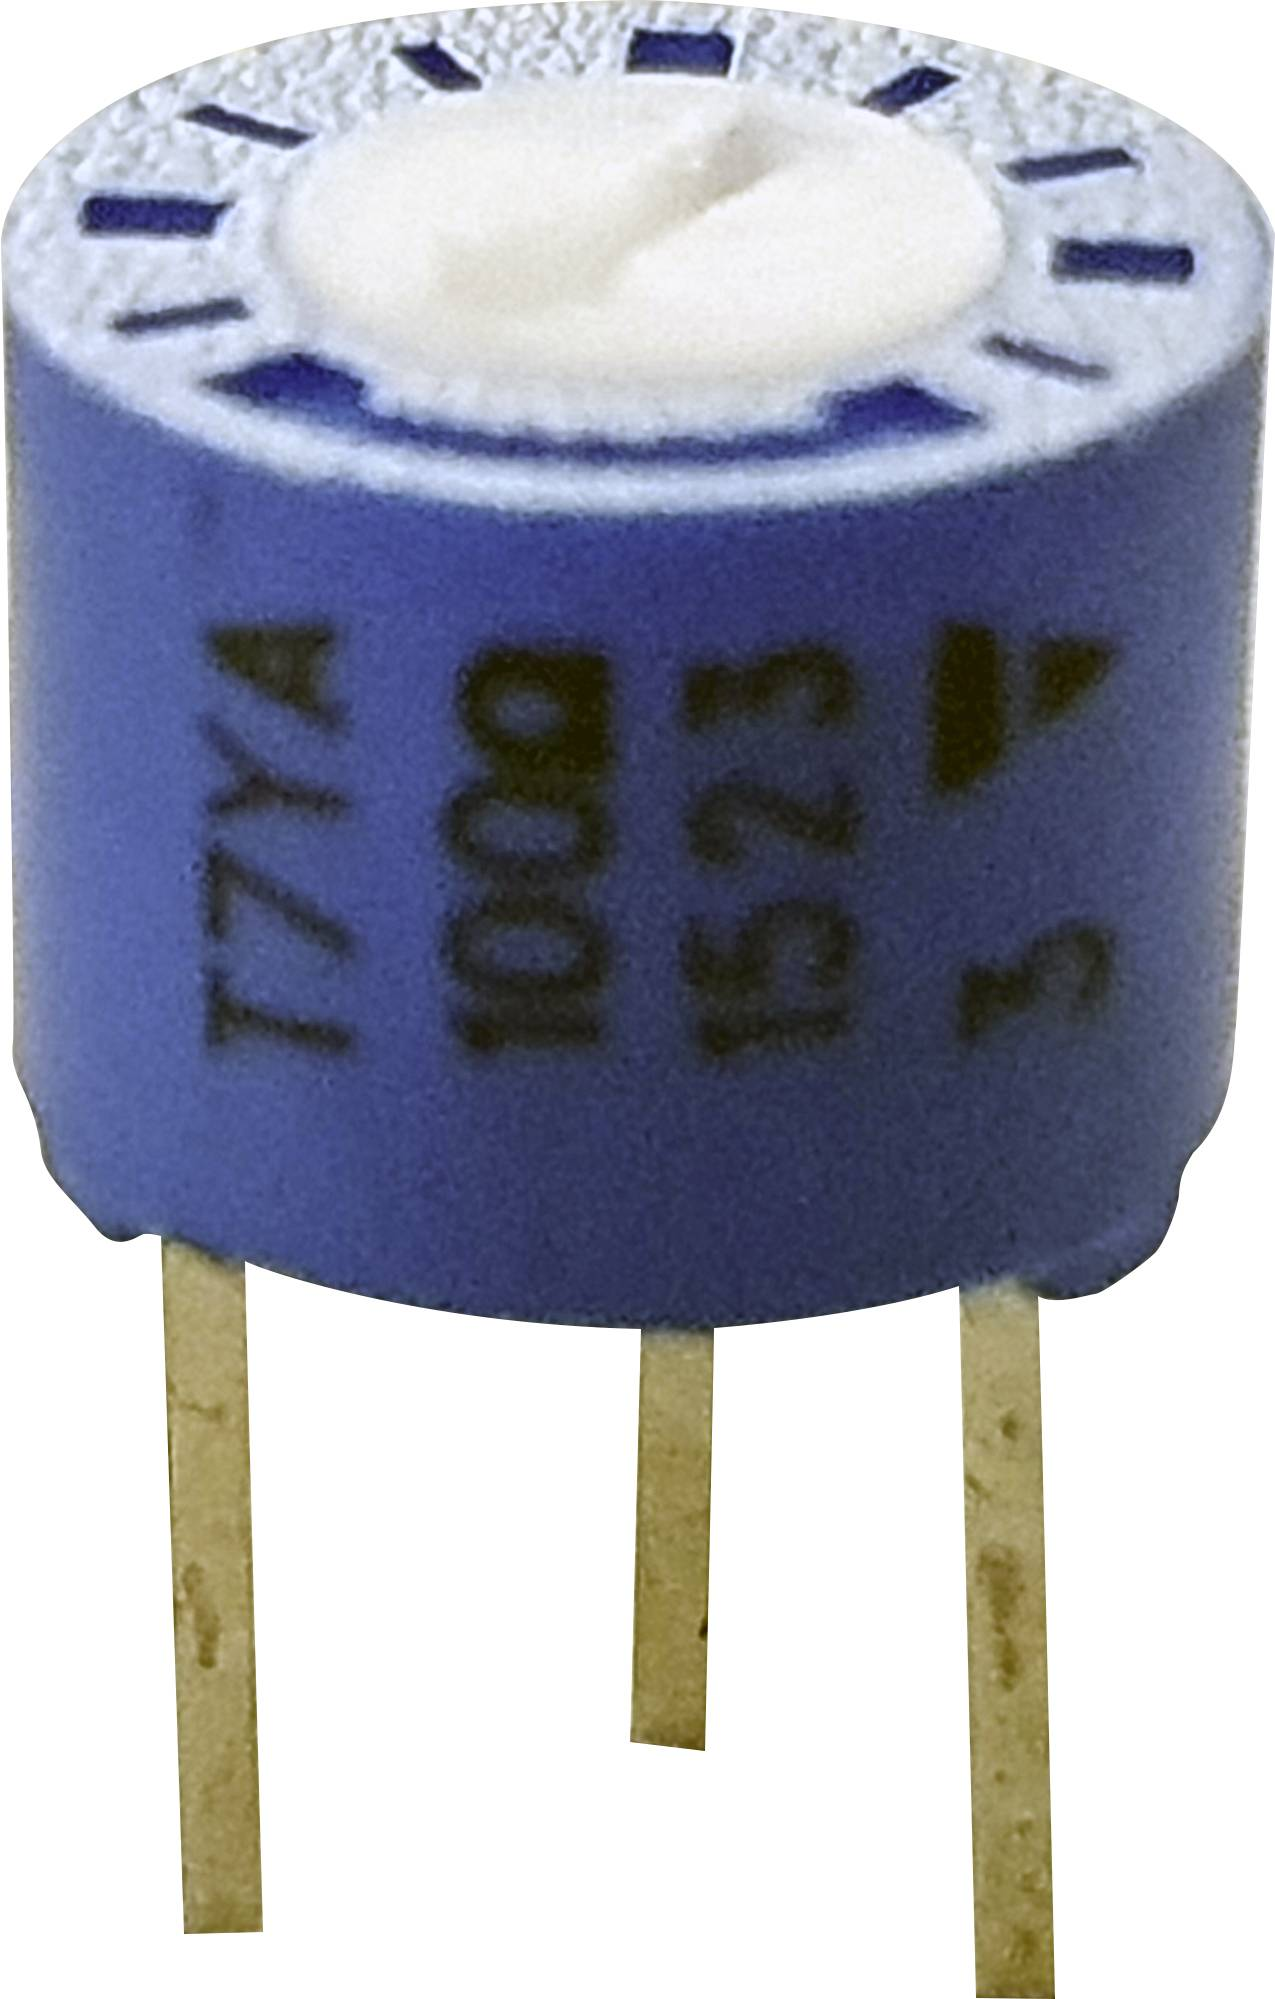 Precízny trimer Vishay 75 P 5K, lineárny, 5 kOhm, 0.5 W, 1 ks